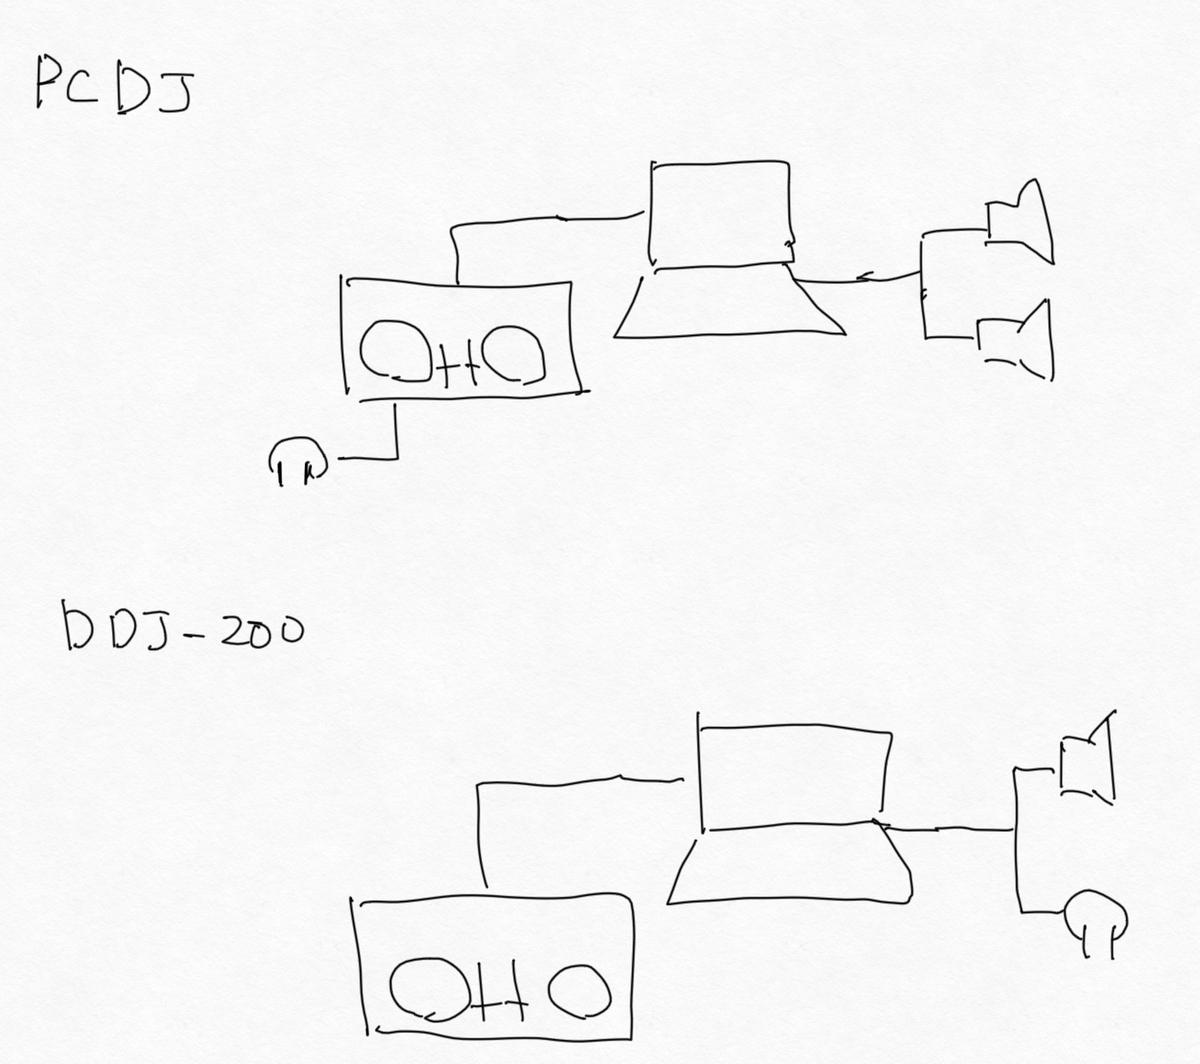 f:id:k5trismegistus:20200719013834j:plain